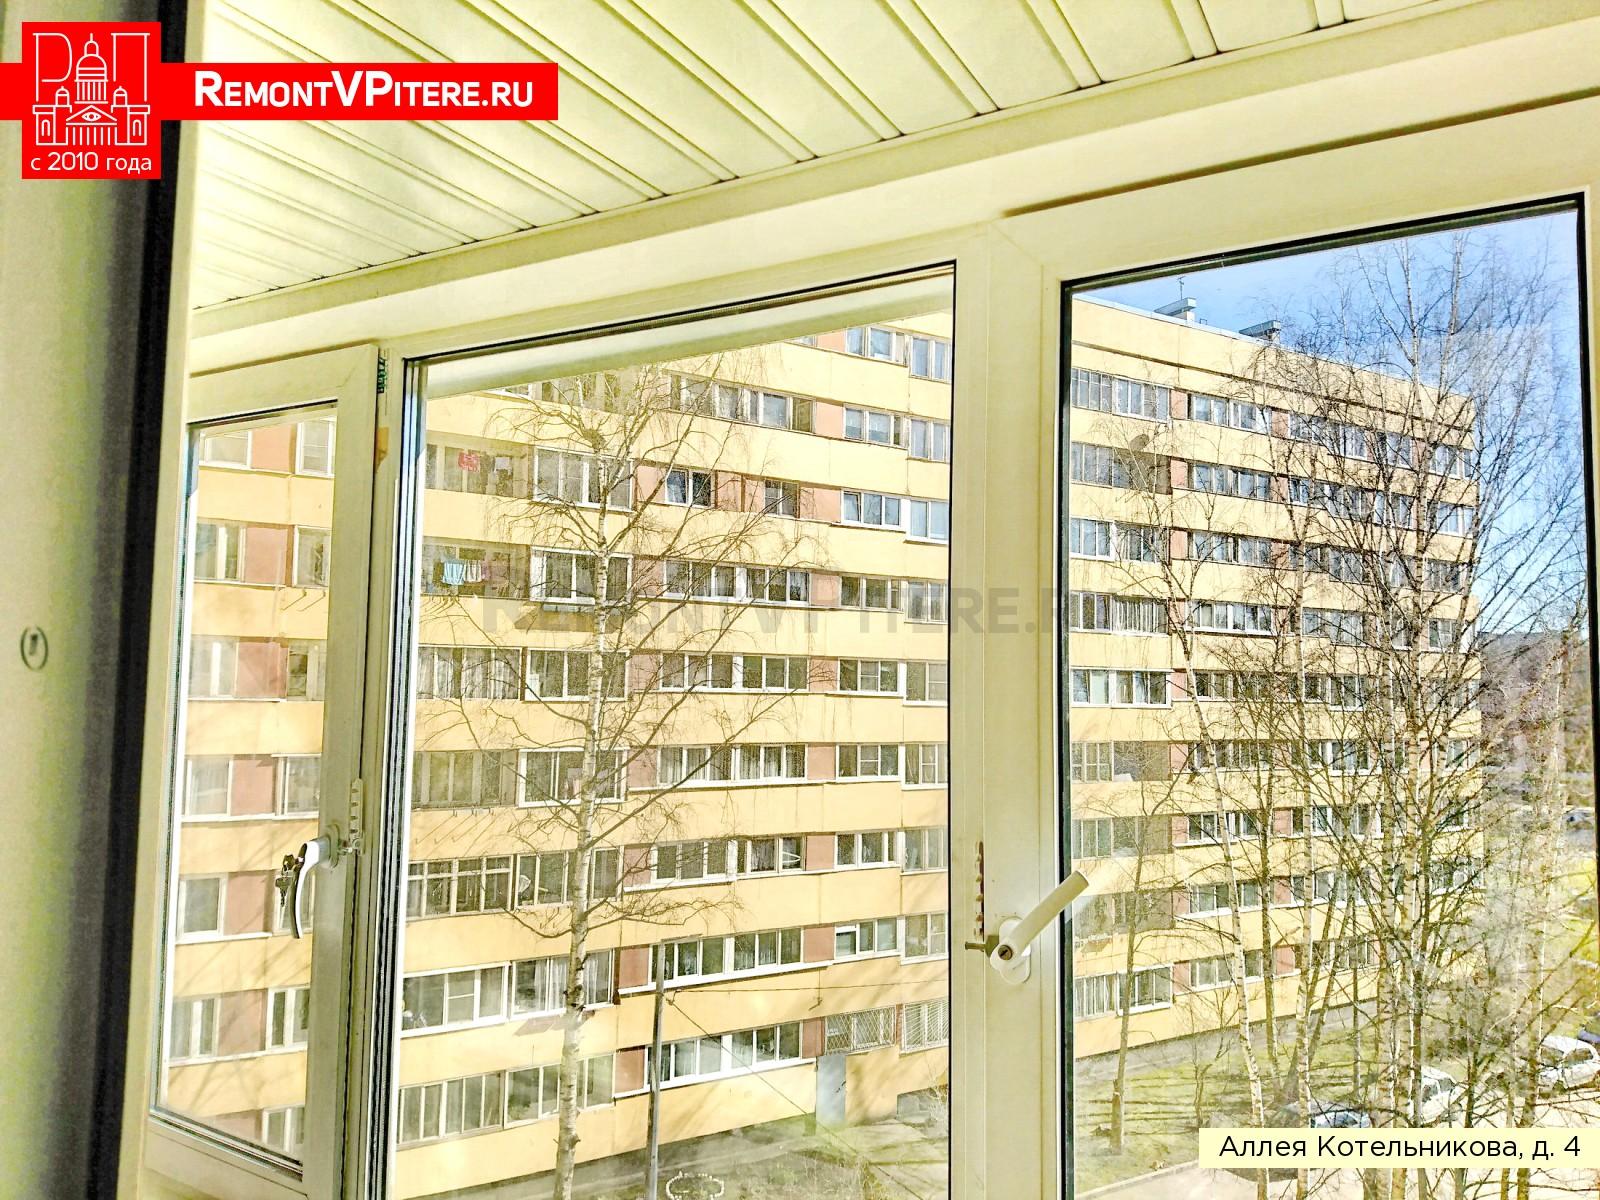 Реечный алюминиевый потолок на балконе